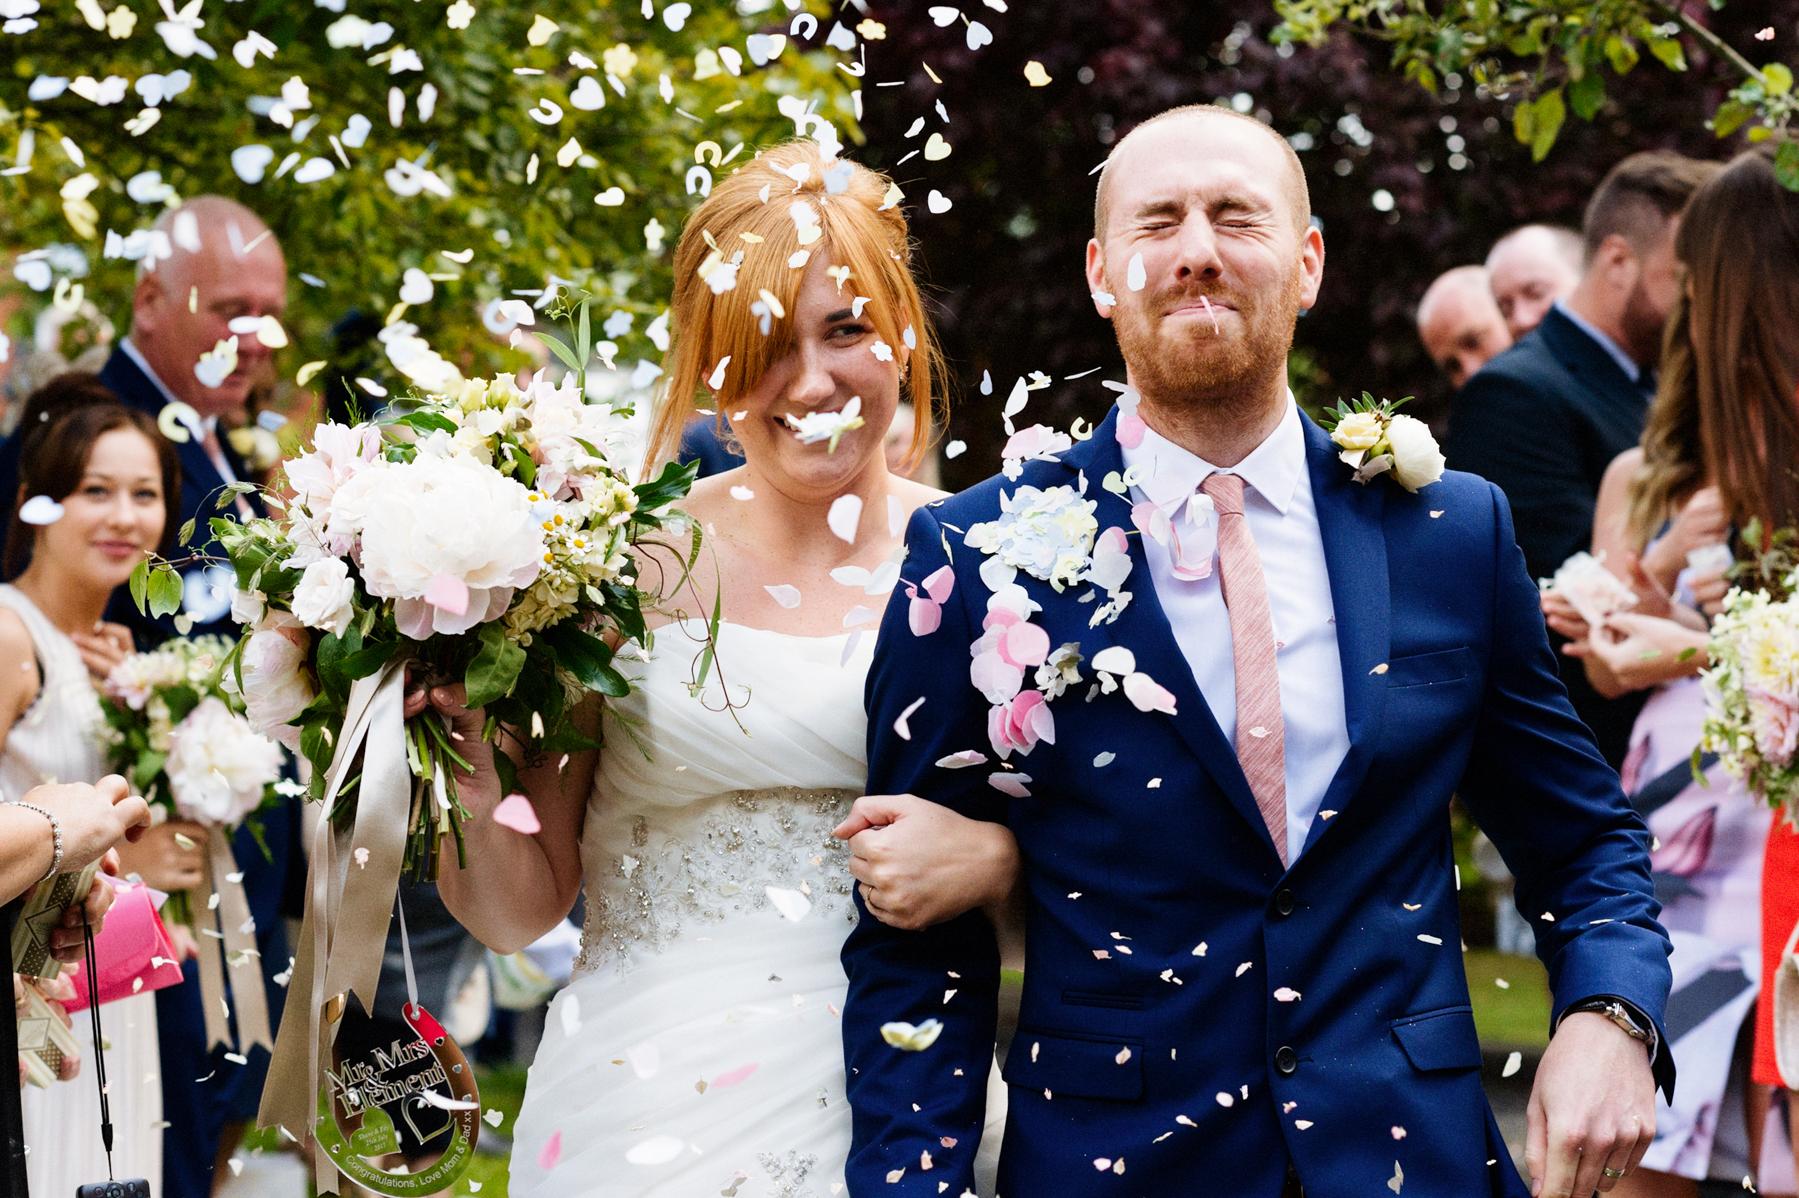 Birmingham wedding confetti shower